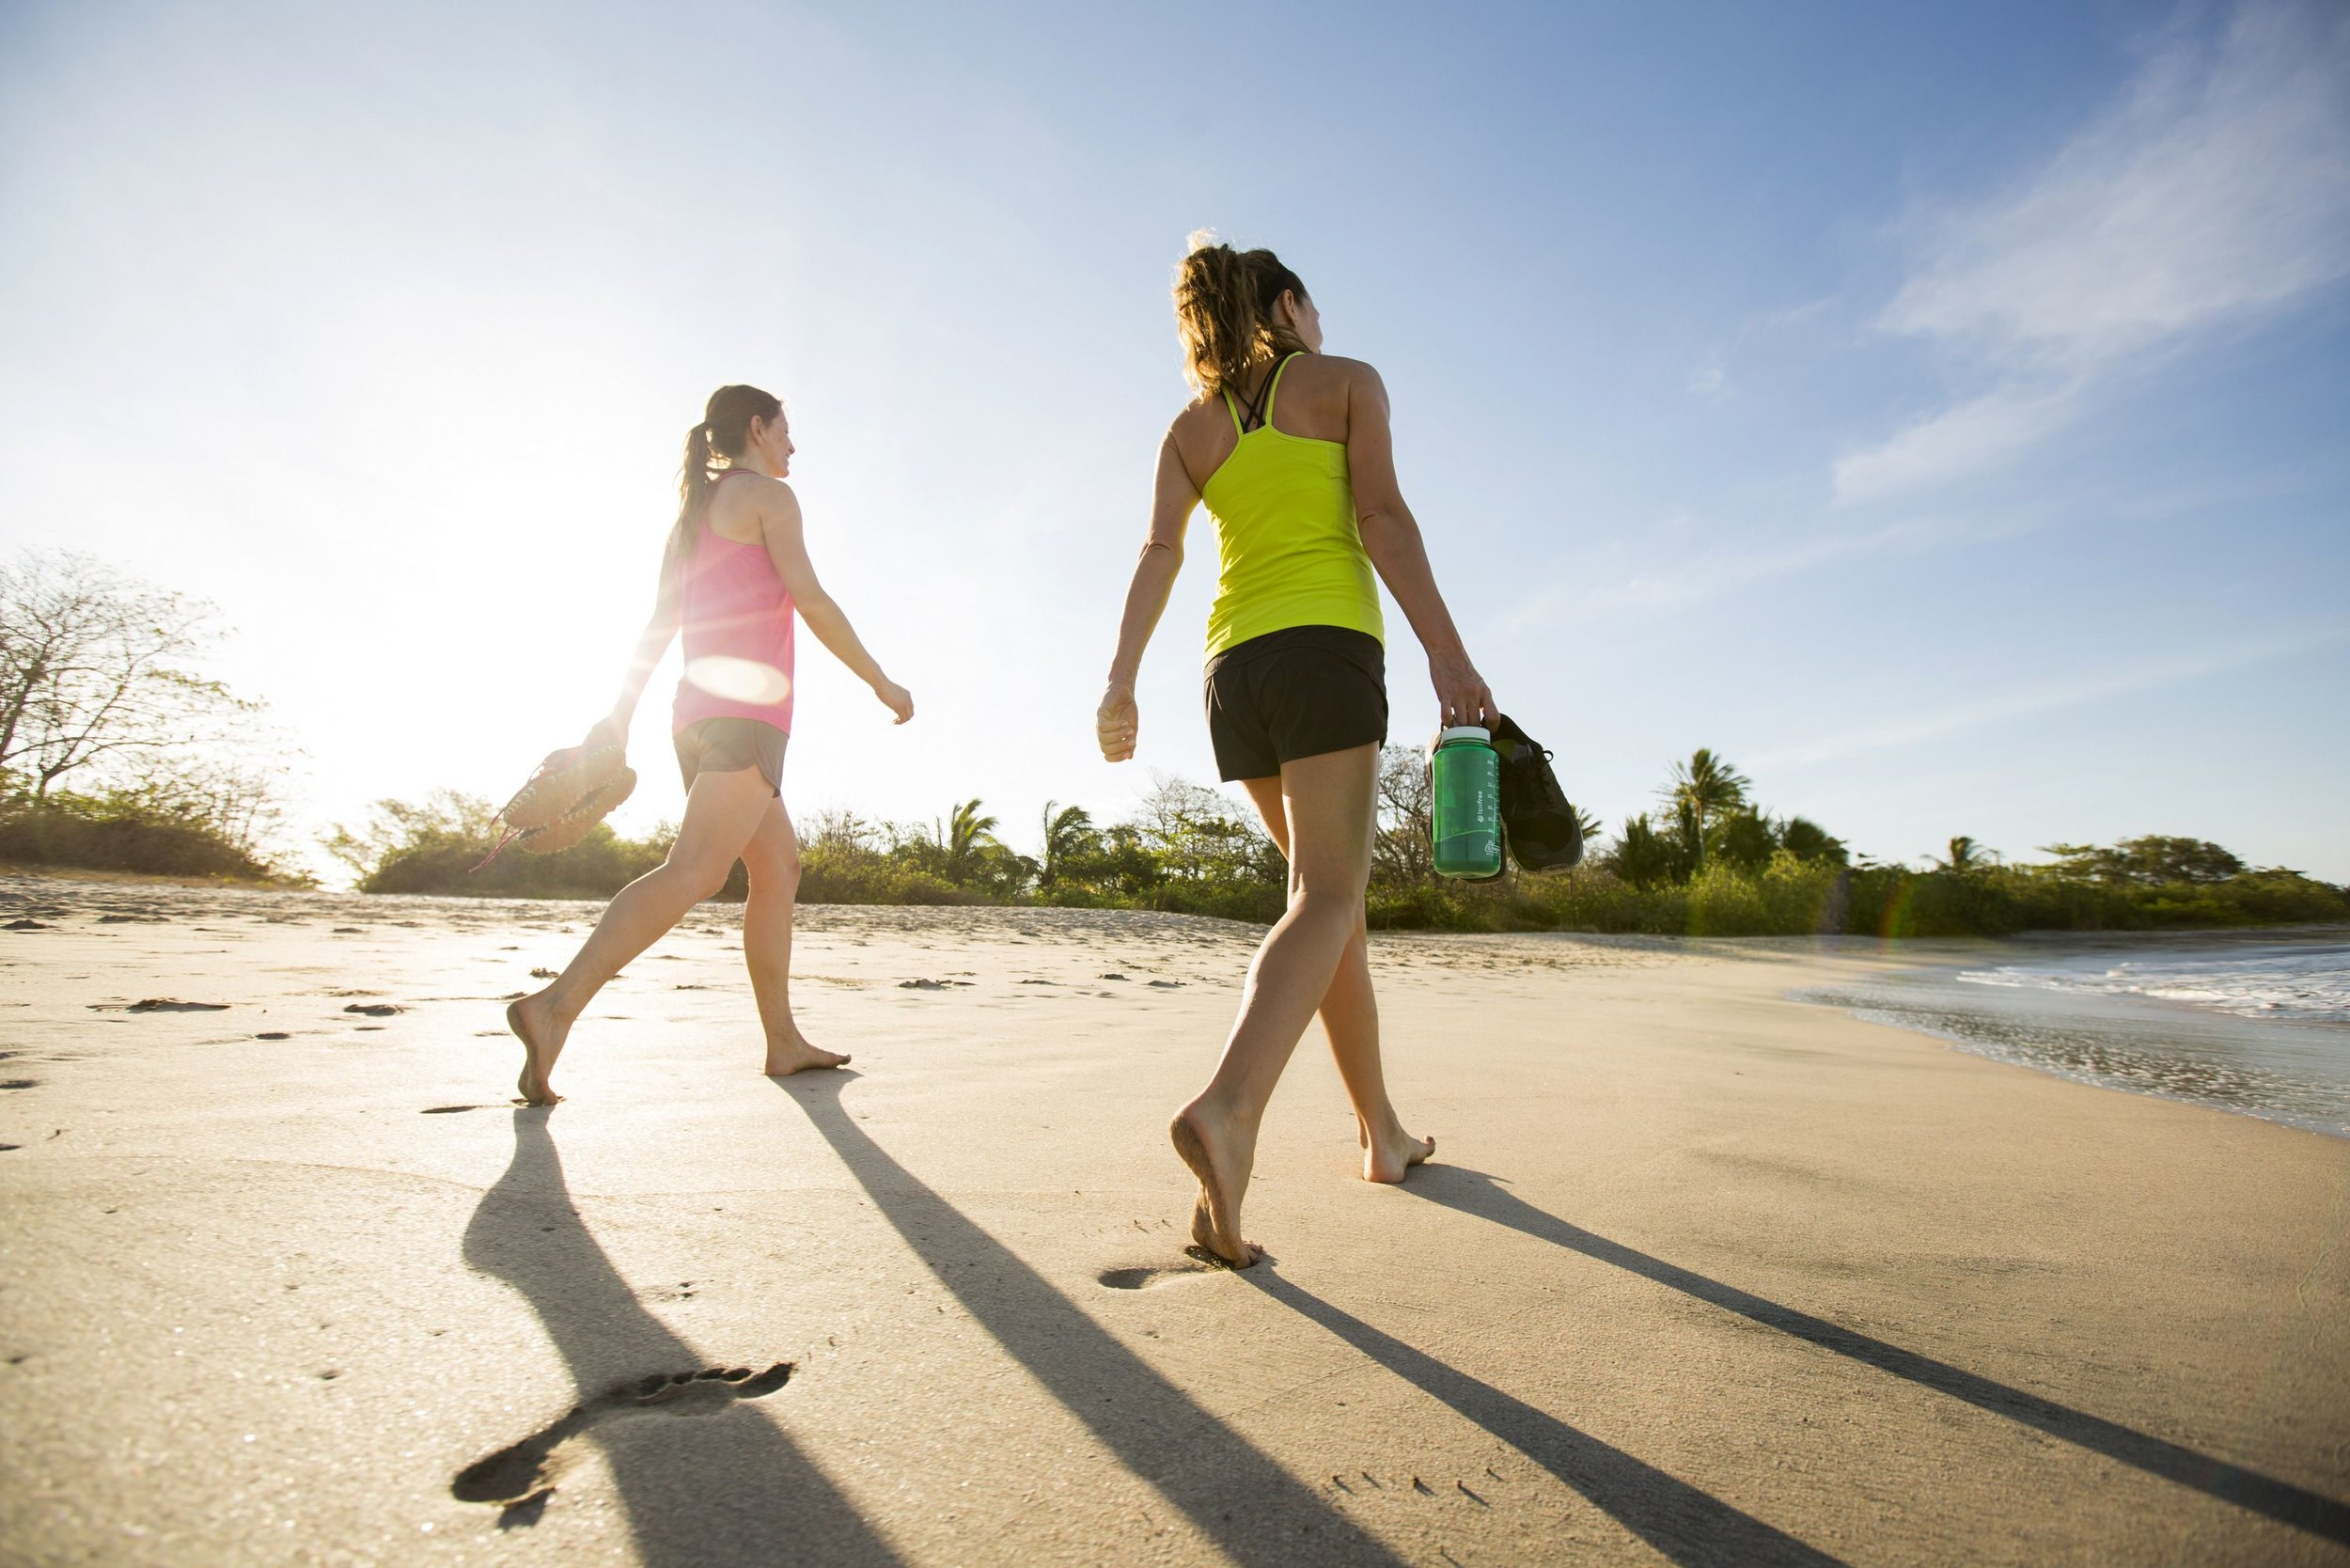 beach-walking-Jordan-Siemens-the-image-bankGettyImages-637369793-577666143df78cb62c199a69.jpg